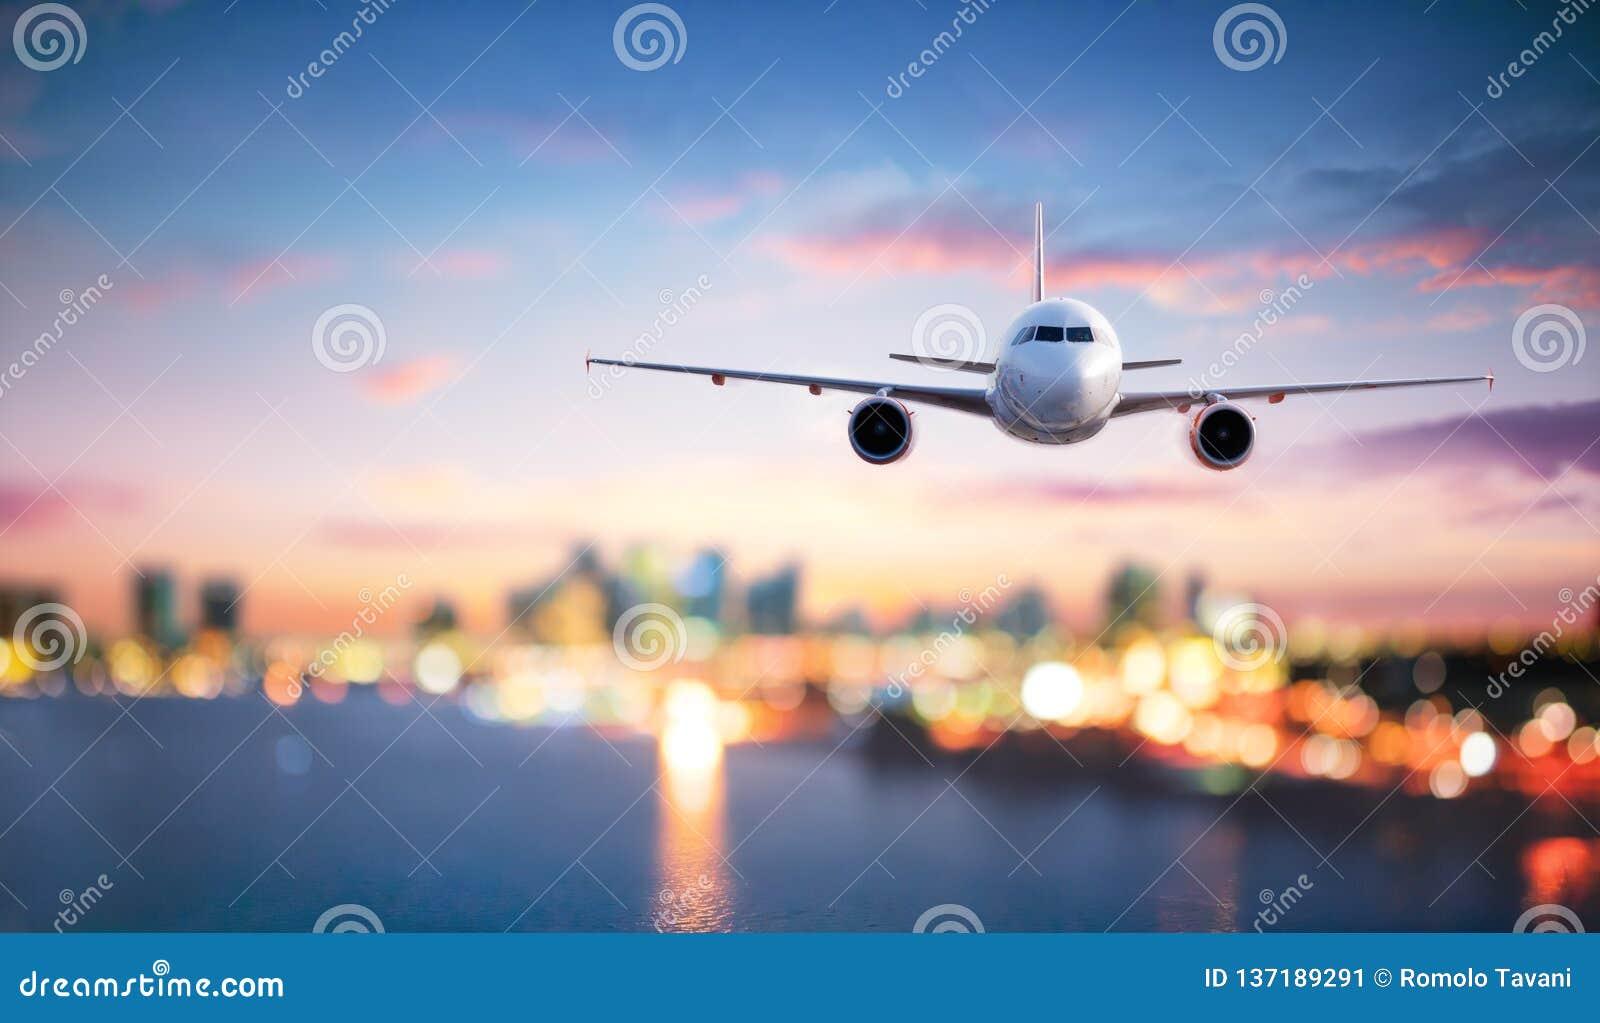 飞机在飞行中在微明